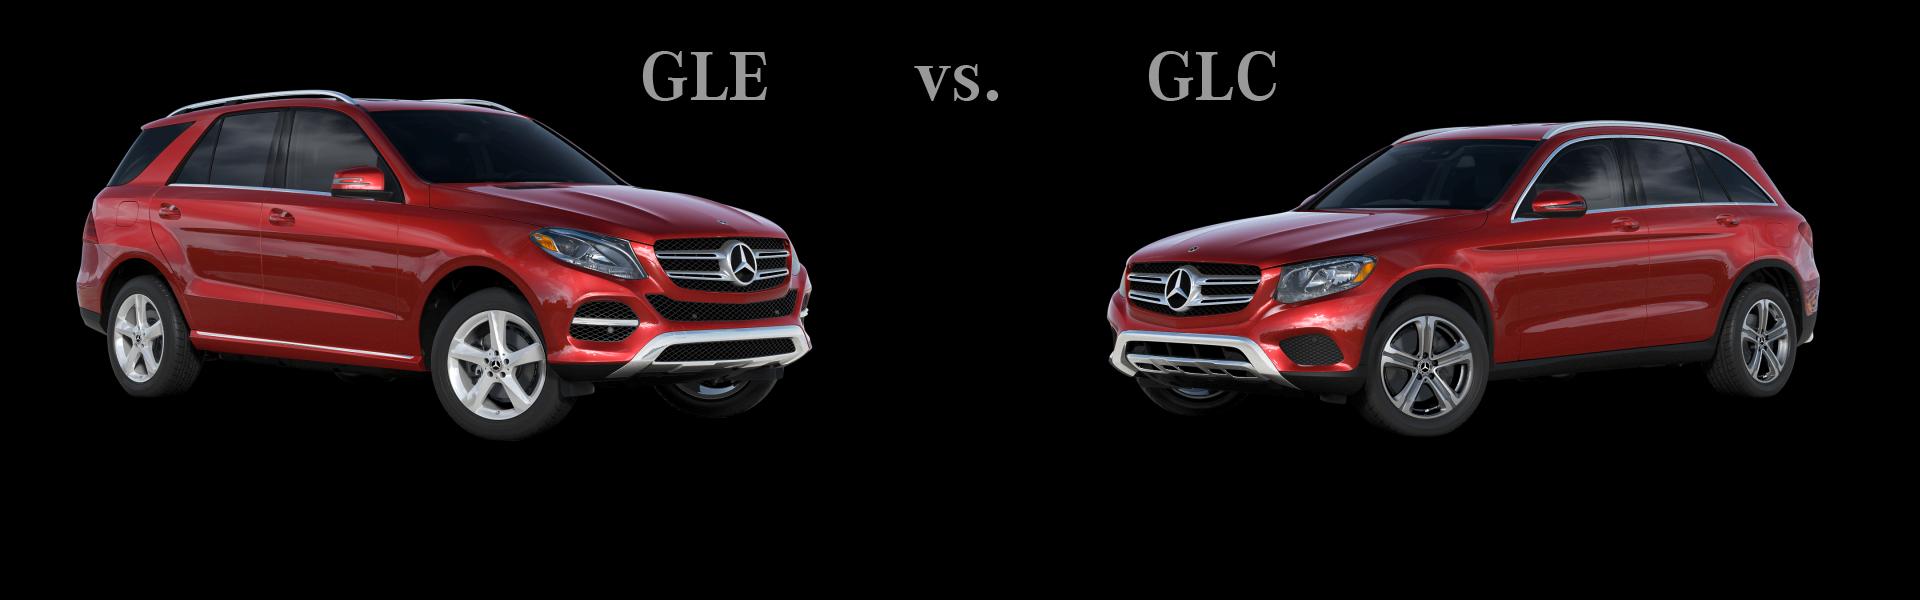 gle versus glc